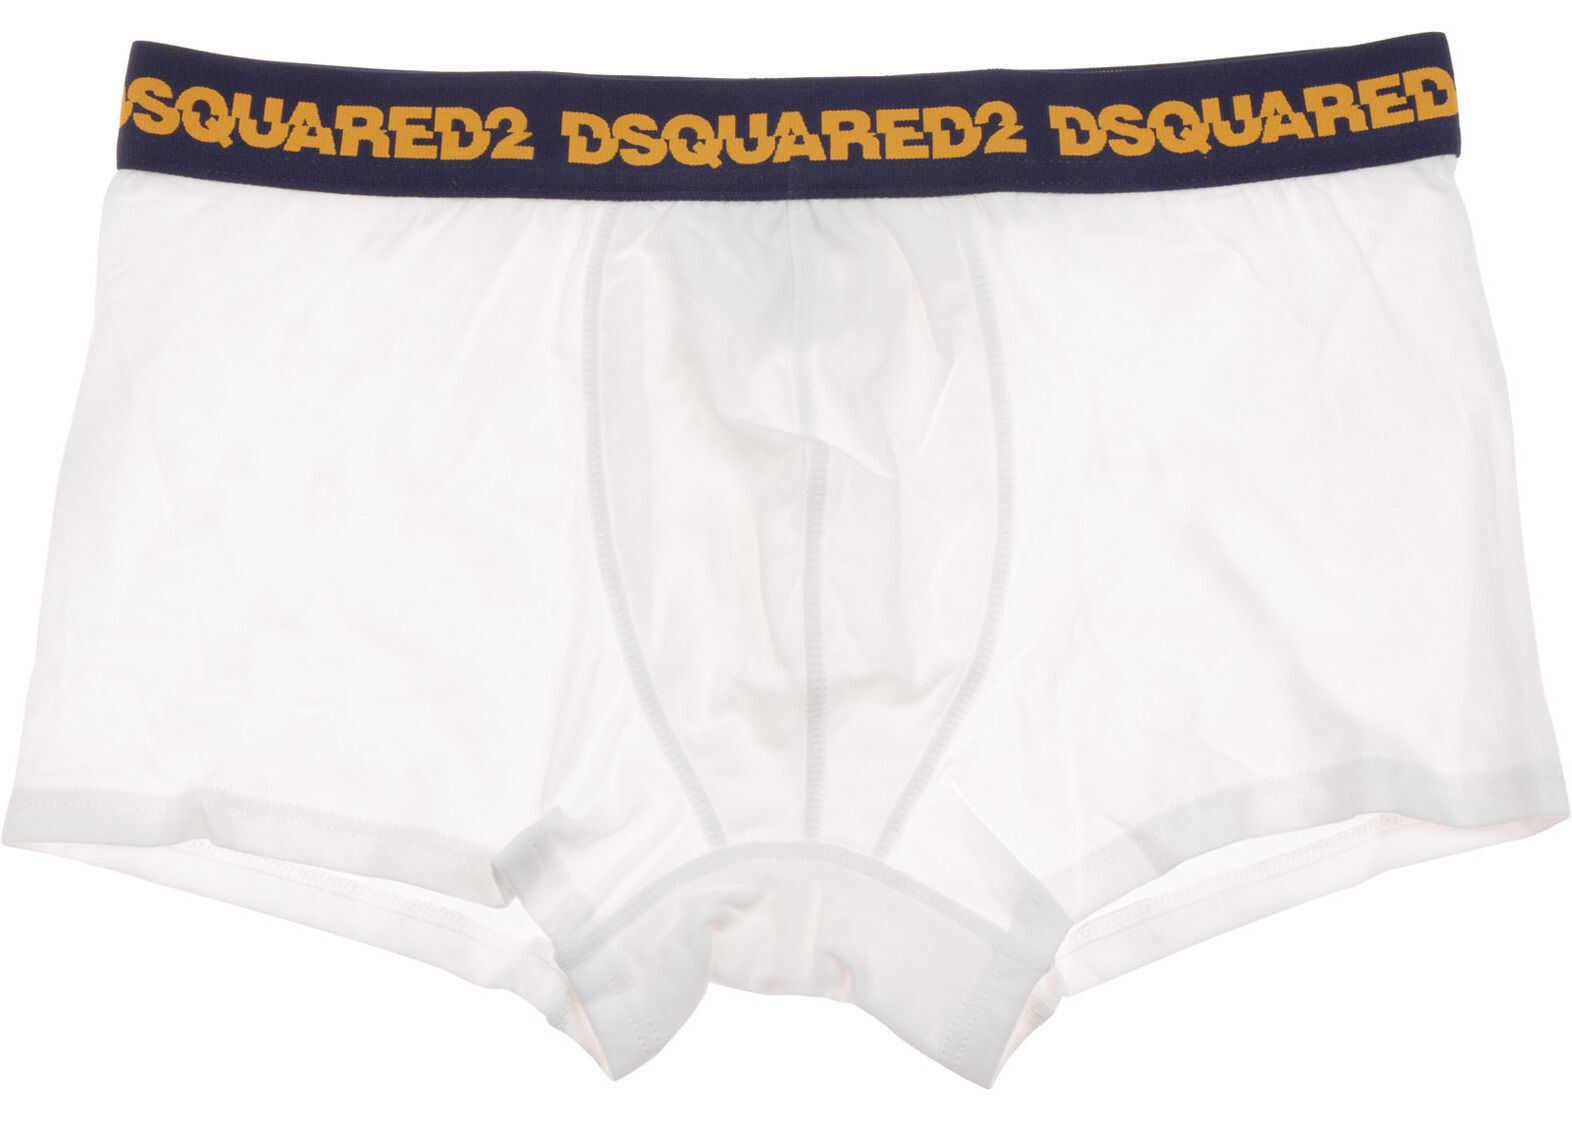 DSQUARED2 Boxer Shorts White imagine